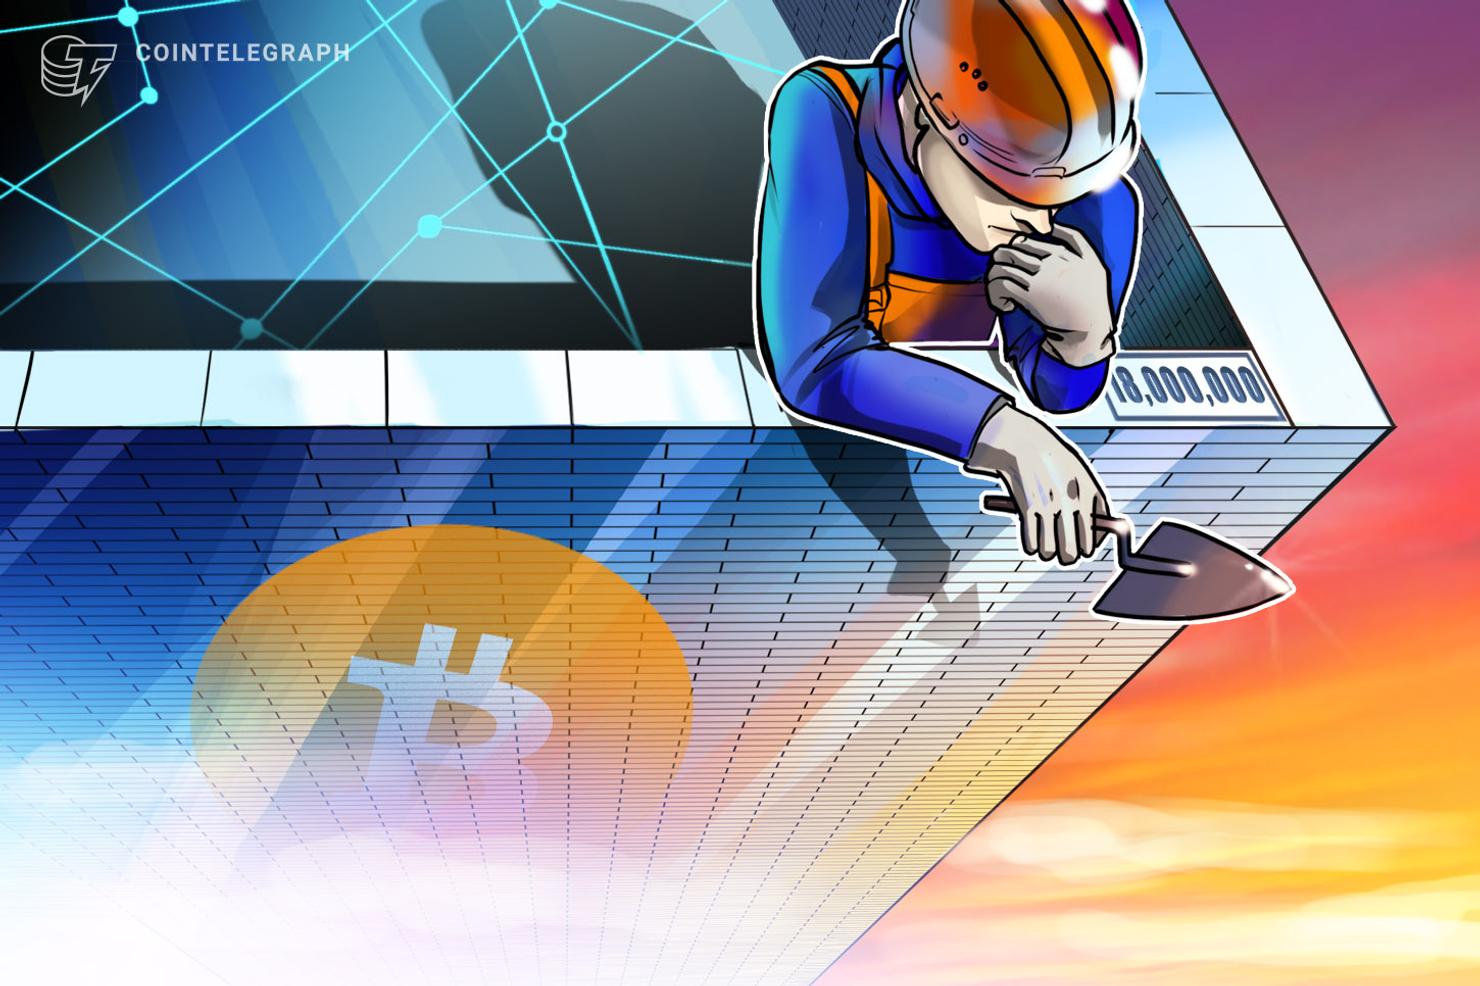 仮想通貨ビットコインの発行量、まもなく1800万BTCへ 残り300万BTC【ニュース】